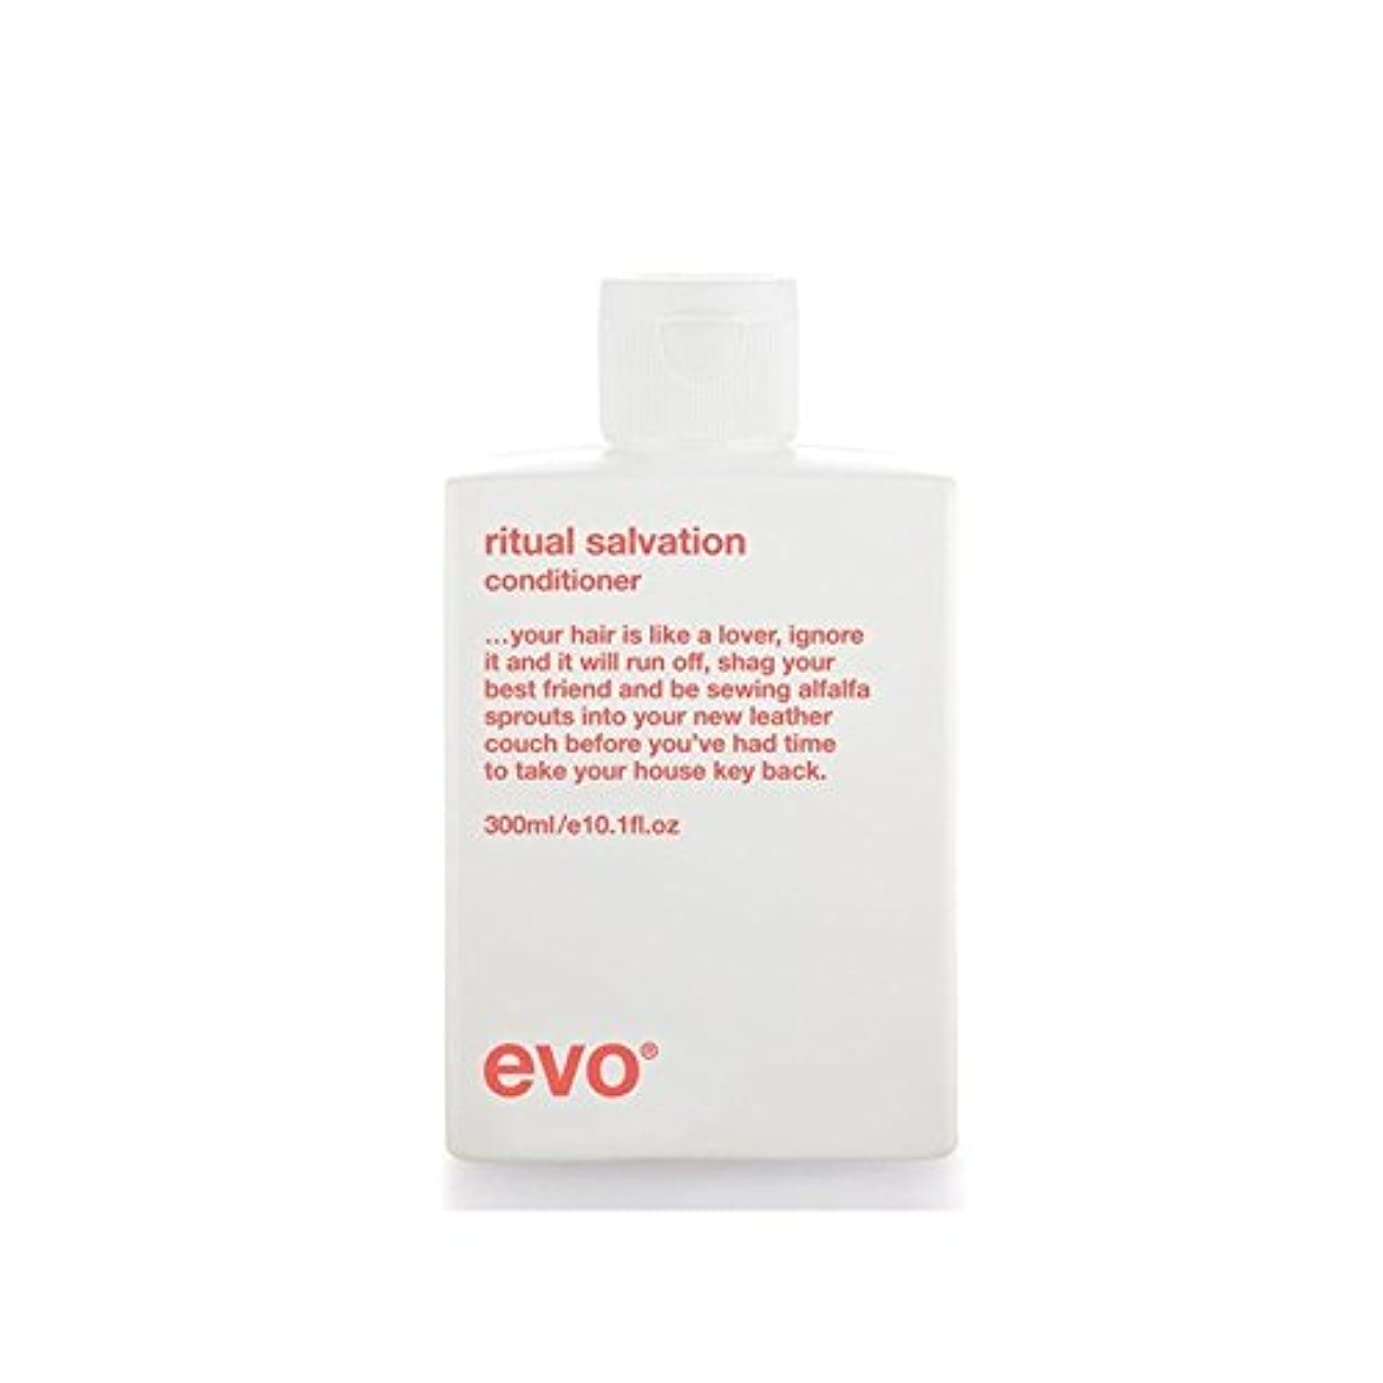 生まれ神経まばたき儀式救いコンディショナー(300ミリリットル) x4 - Evo Ritual Salvation Conditioner (300ml) (Pack of 4) [並行輸入品]